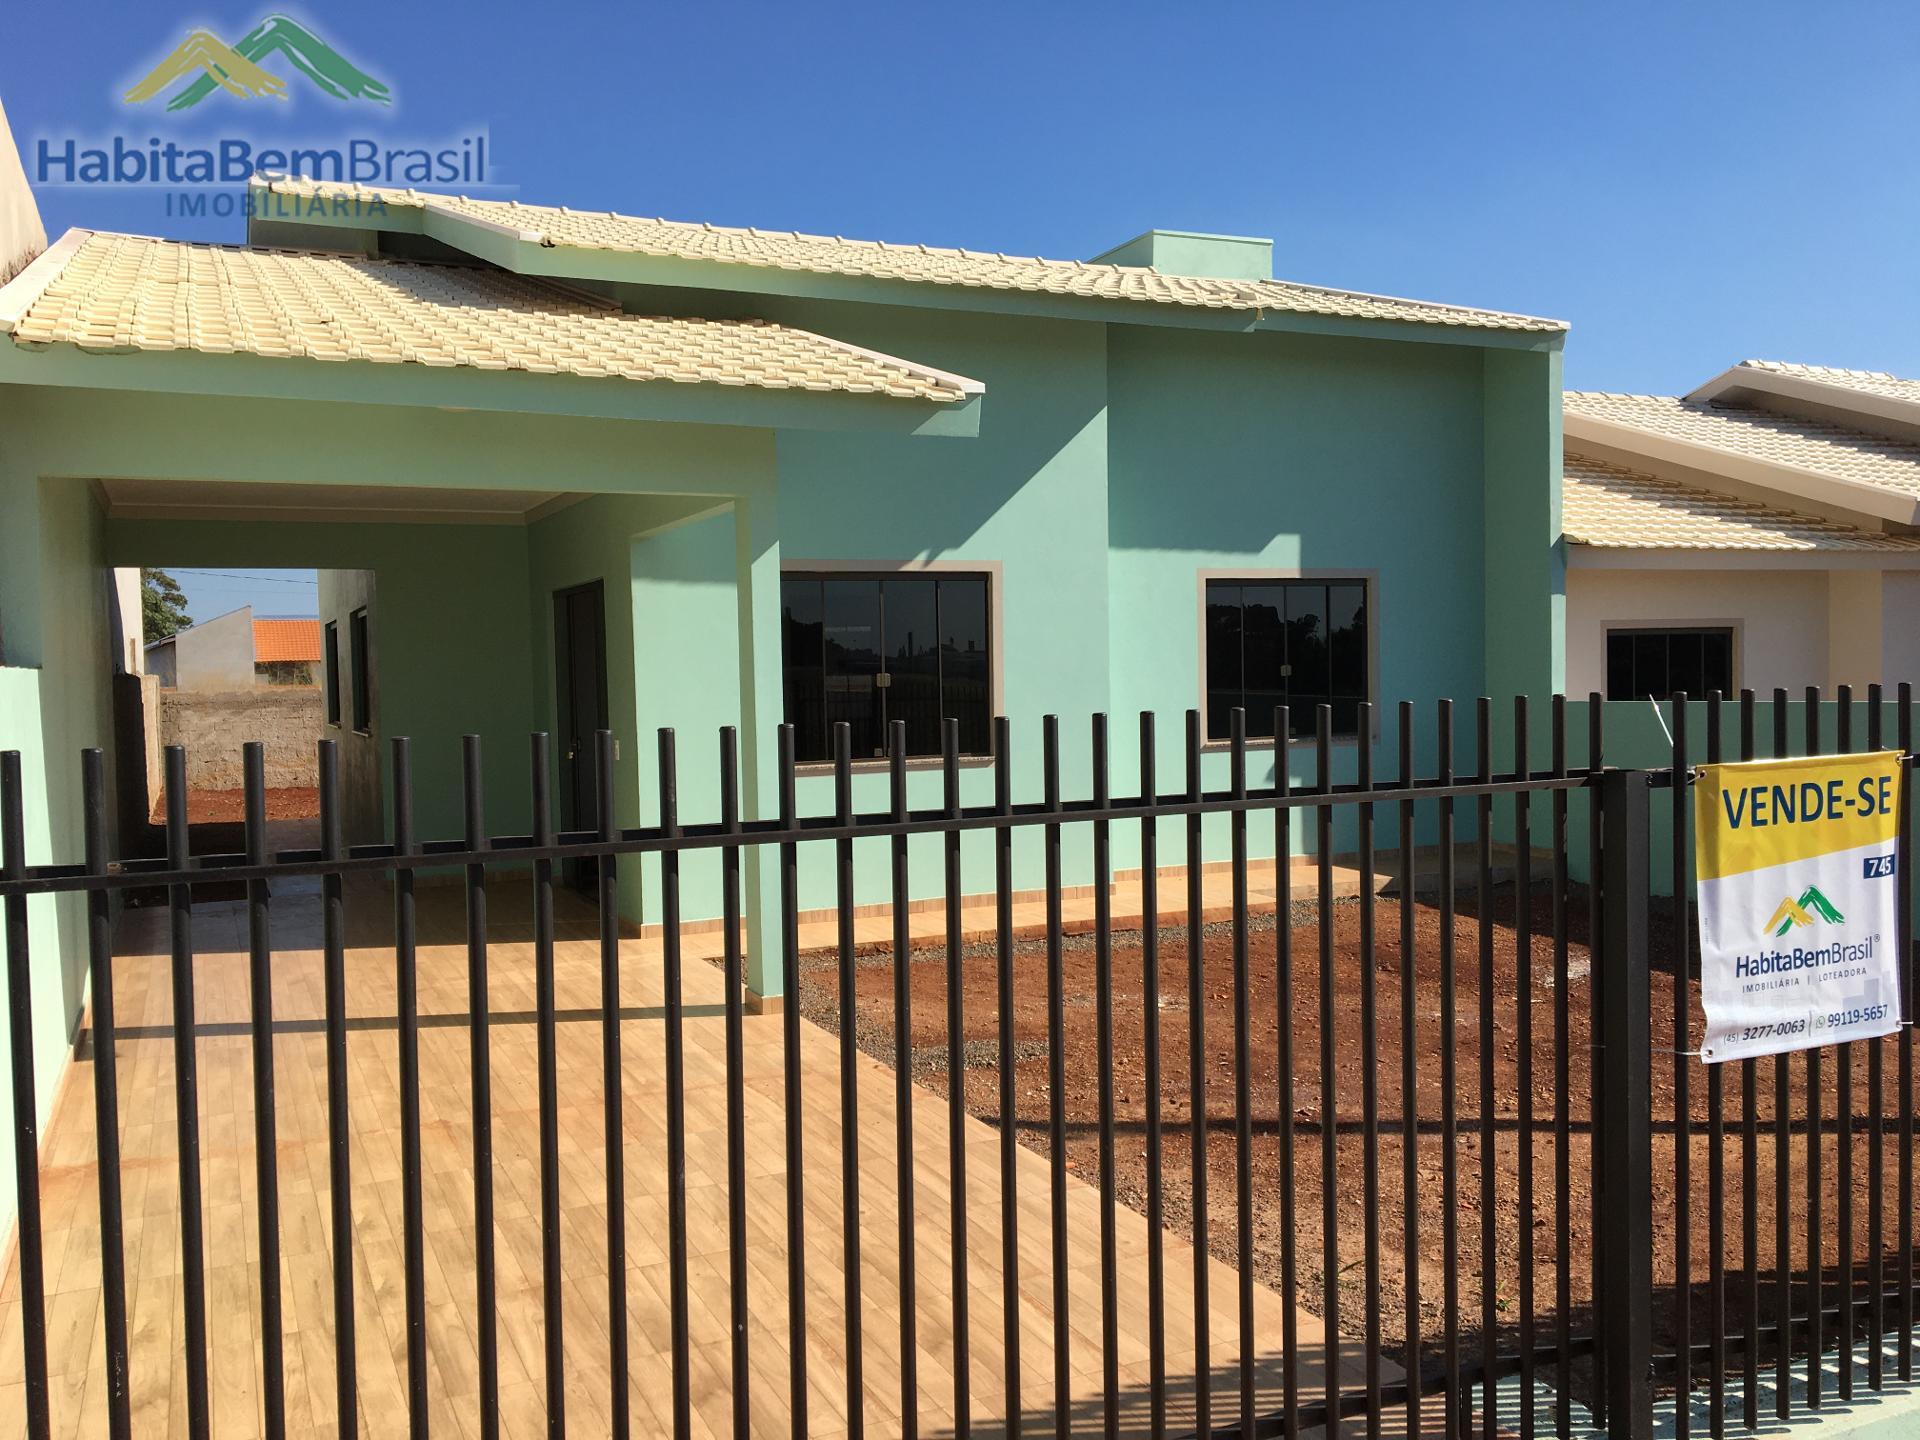 Casa com 4 dormitórios à venda, JARDIM PINHEIRINHO, TOLEDO - PR